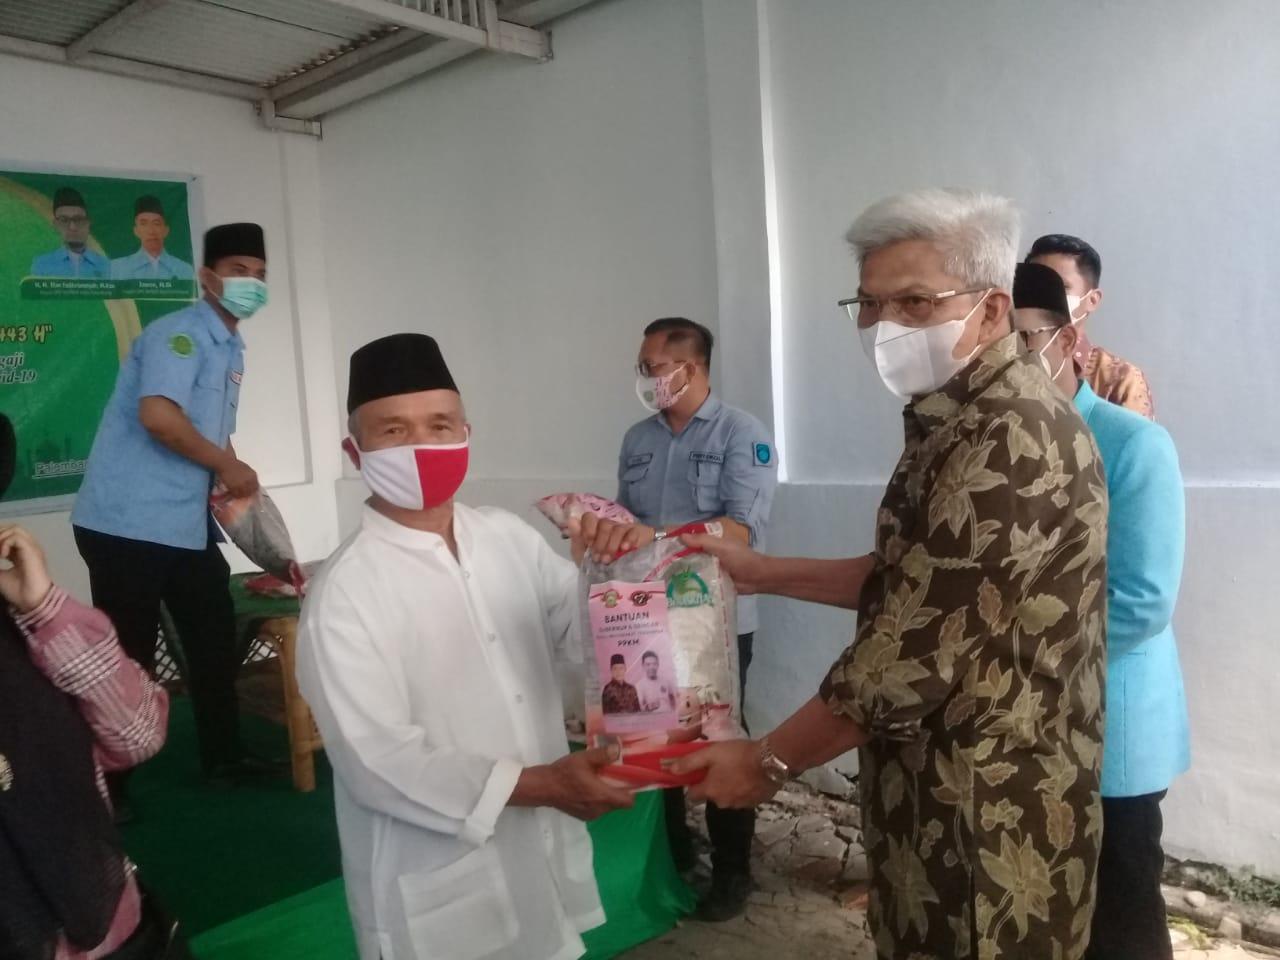 Badan Komunikasi Pemuda Remaja Masjid Indonesia (BKPRMI) Terima Bantuan Beras dari Gubernur Sumsel dan Melalui DPP Gencar Indonesia